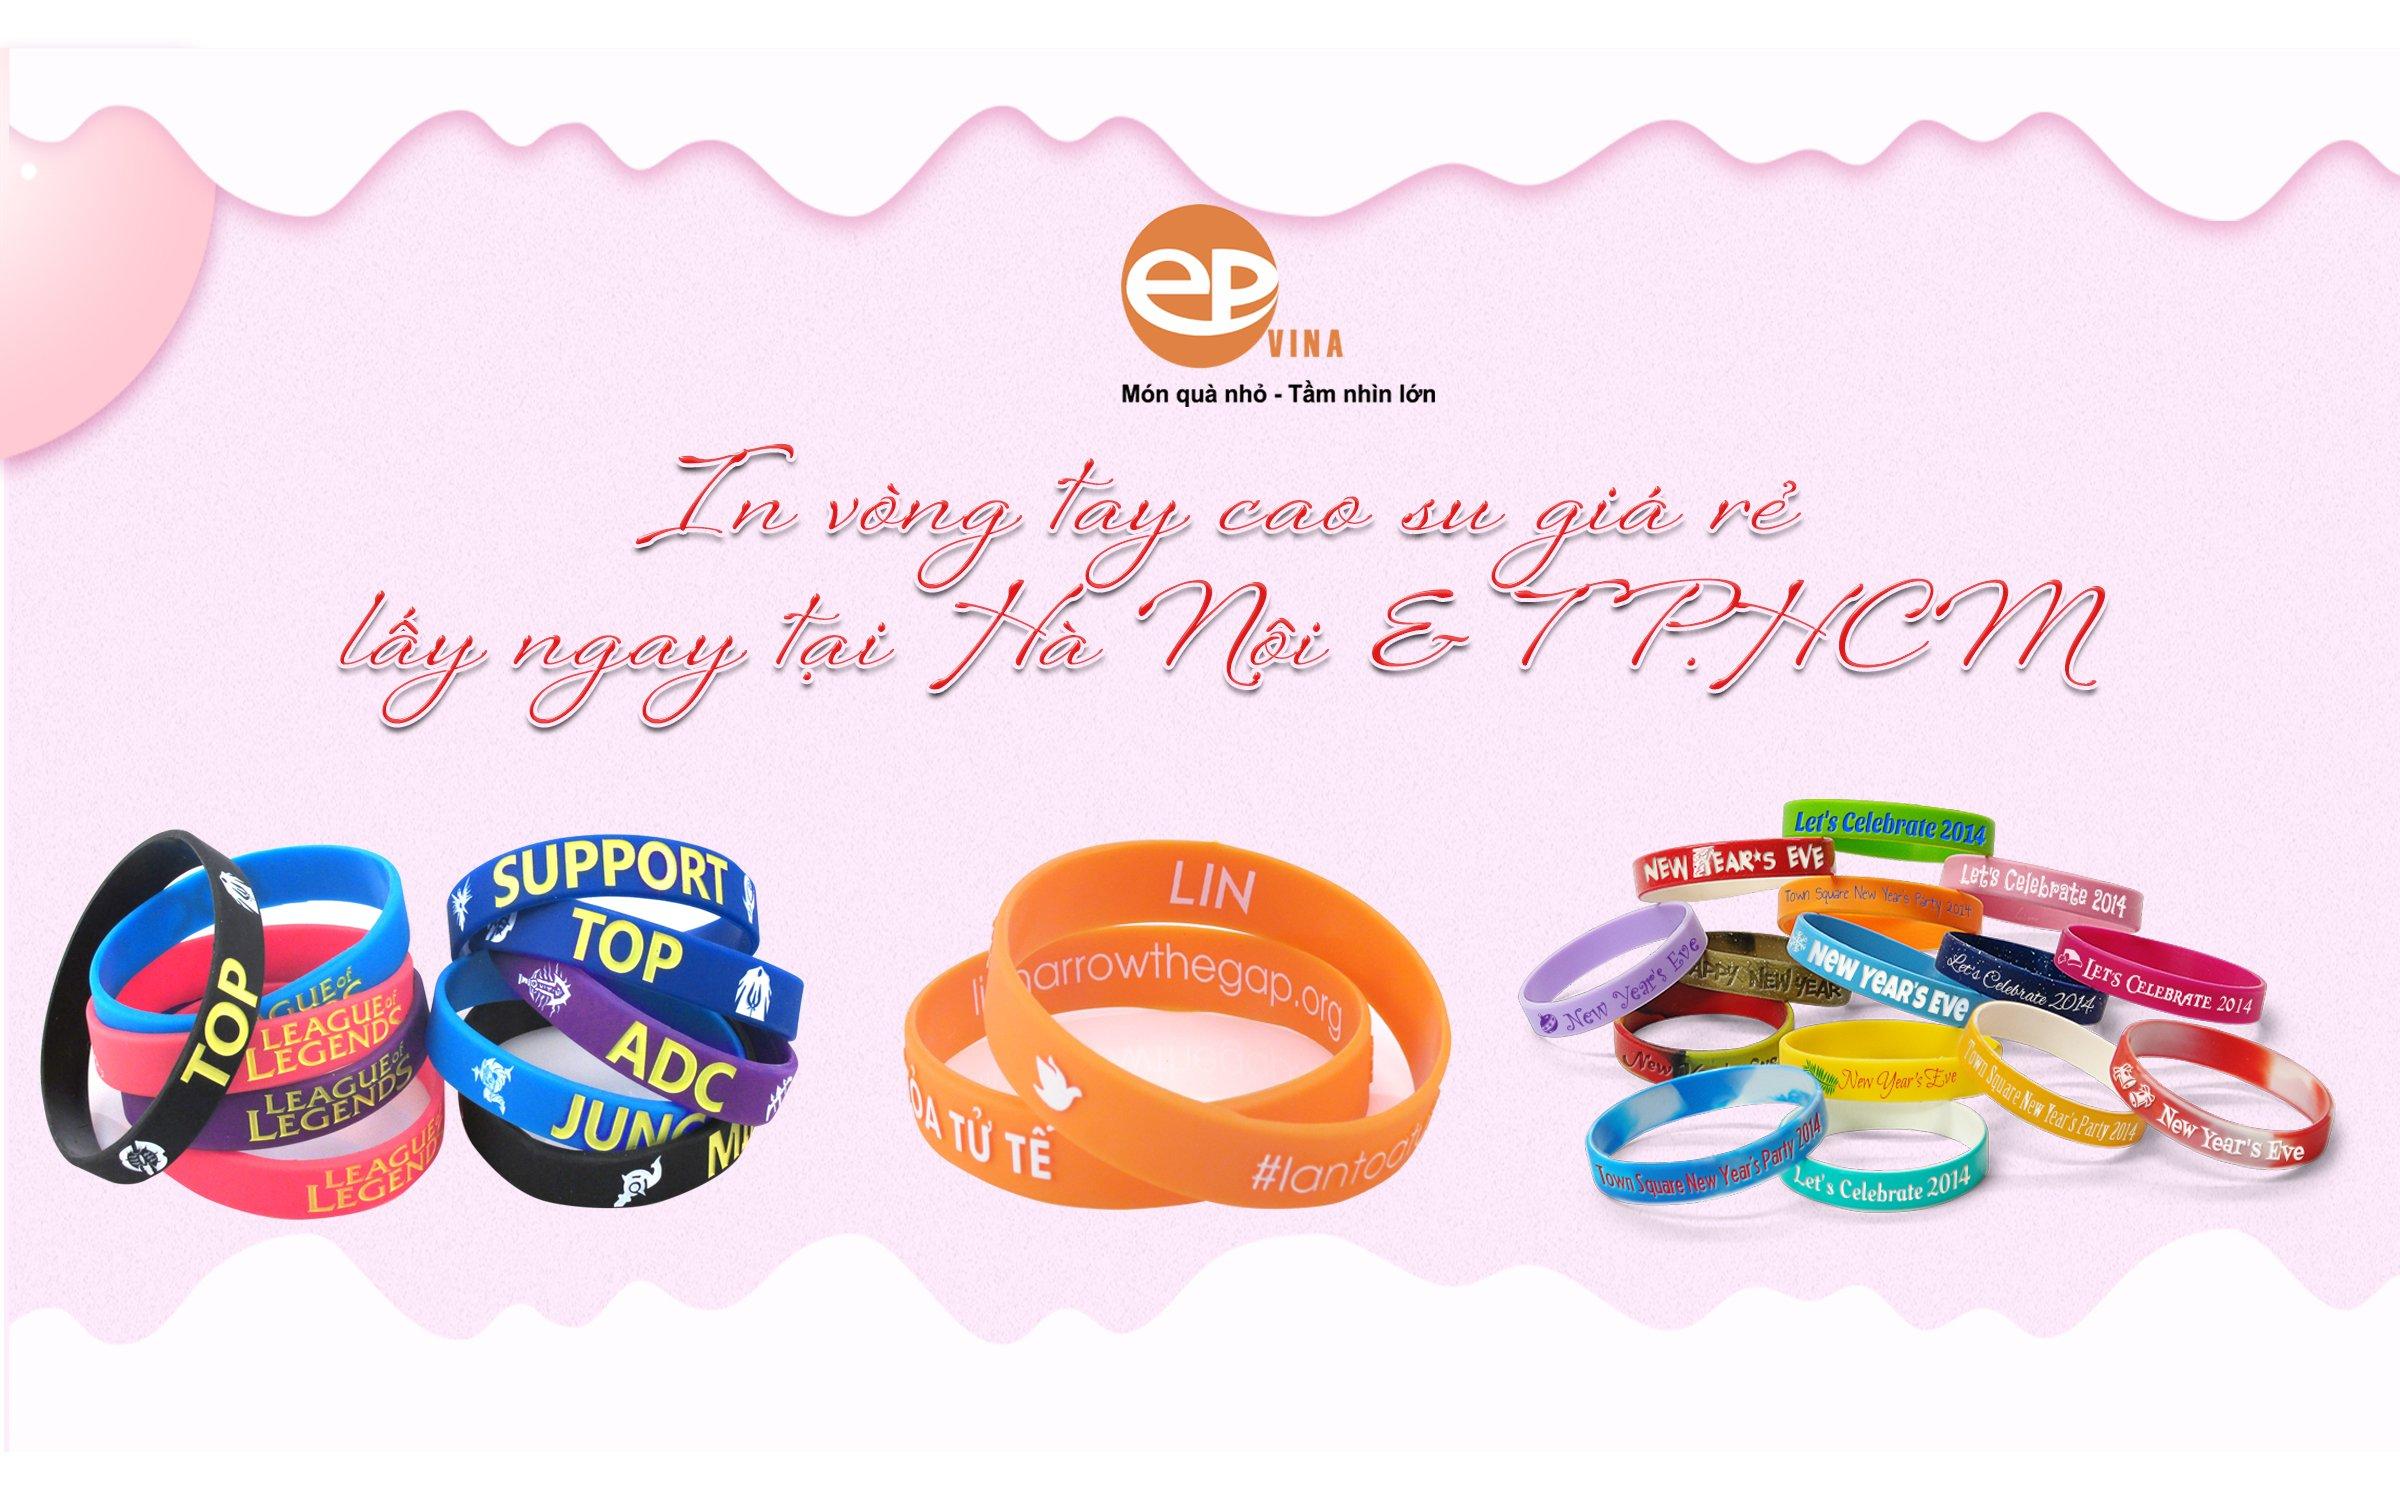 Đặt làm vòng đeo tay cao su in theo yêu cầu giá rẻ tại Hà Nội & TPHCM